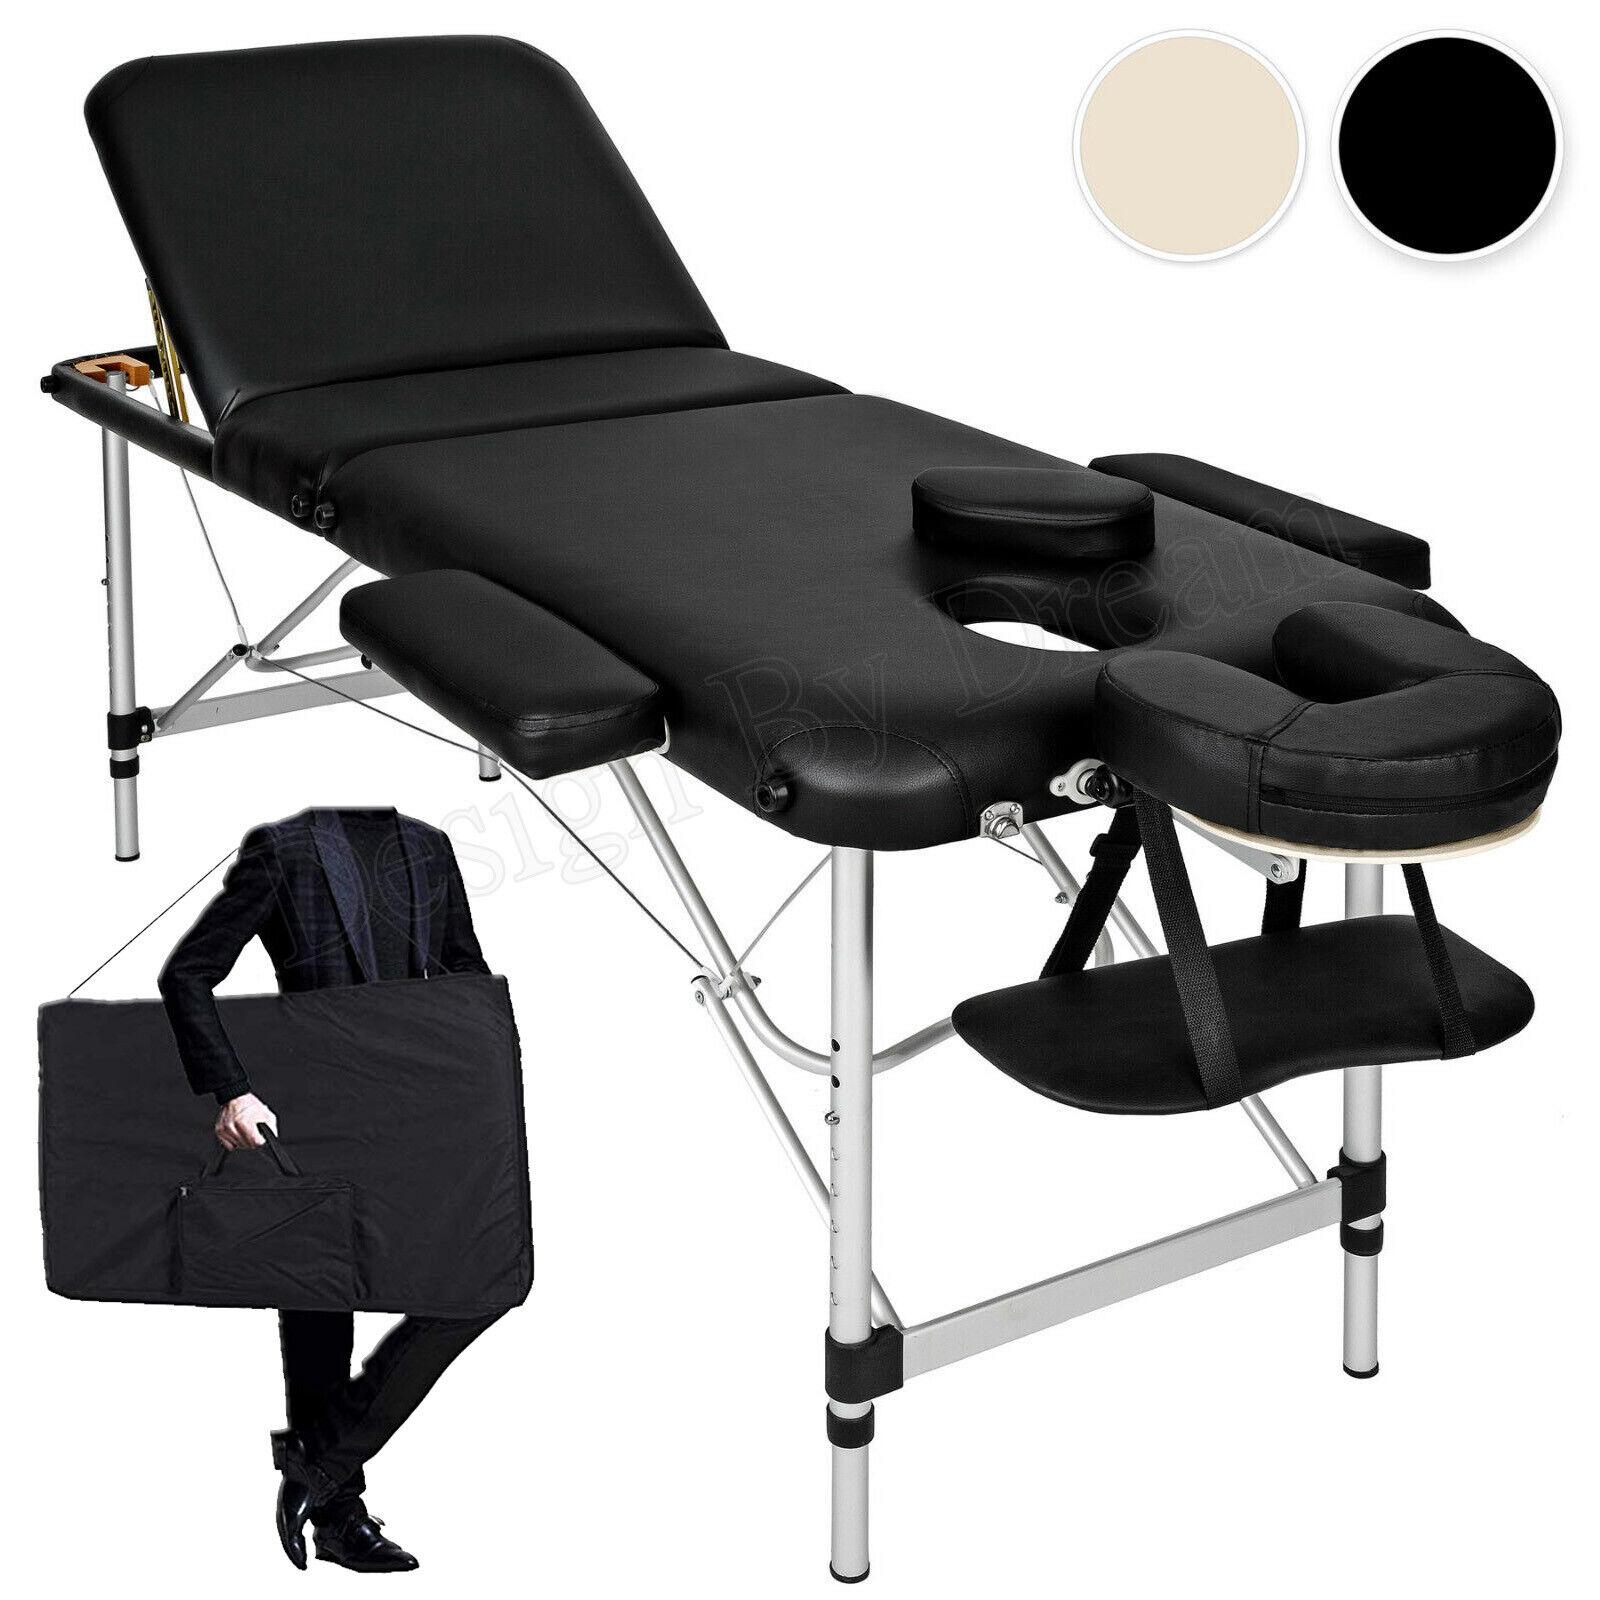 Alu Massageliege Massagetisch Massagebank Therapieliege klappbar 3 Zonen +Tasche